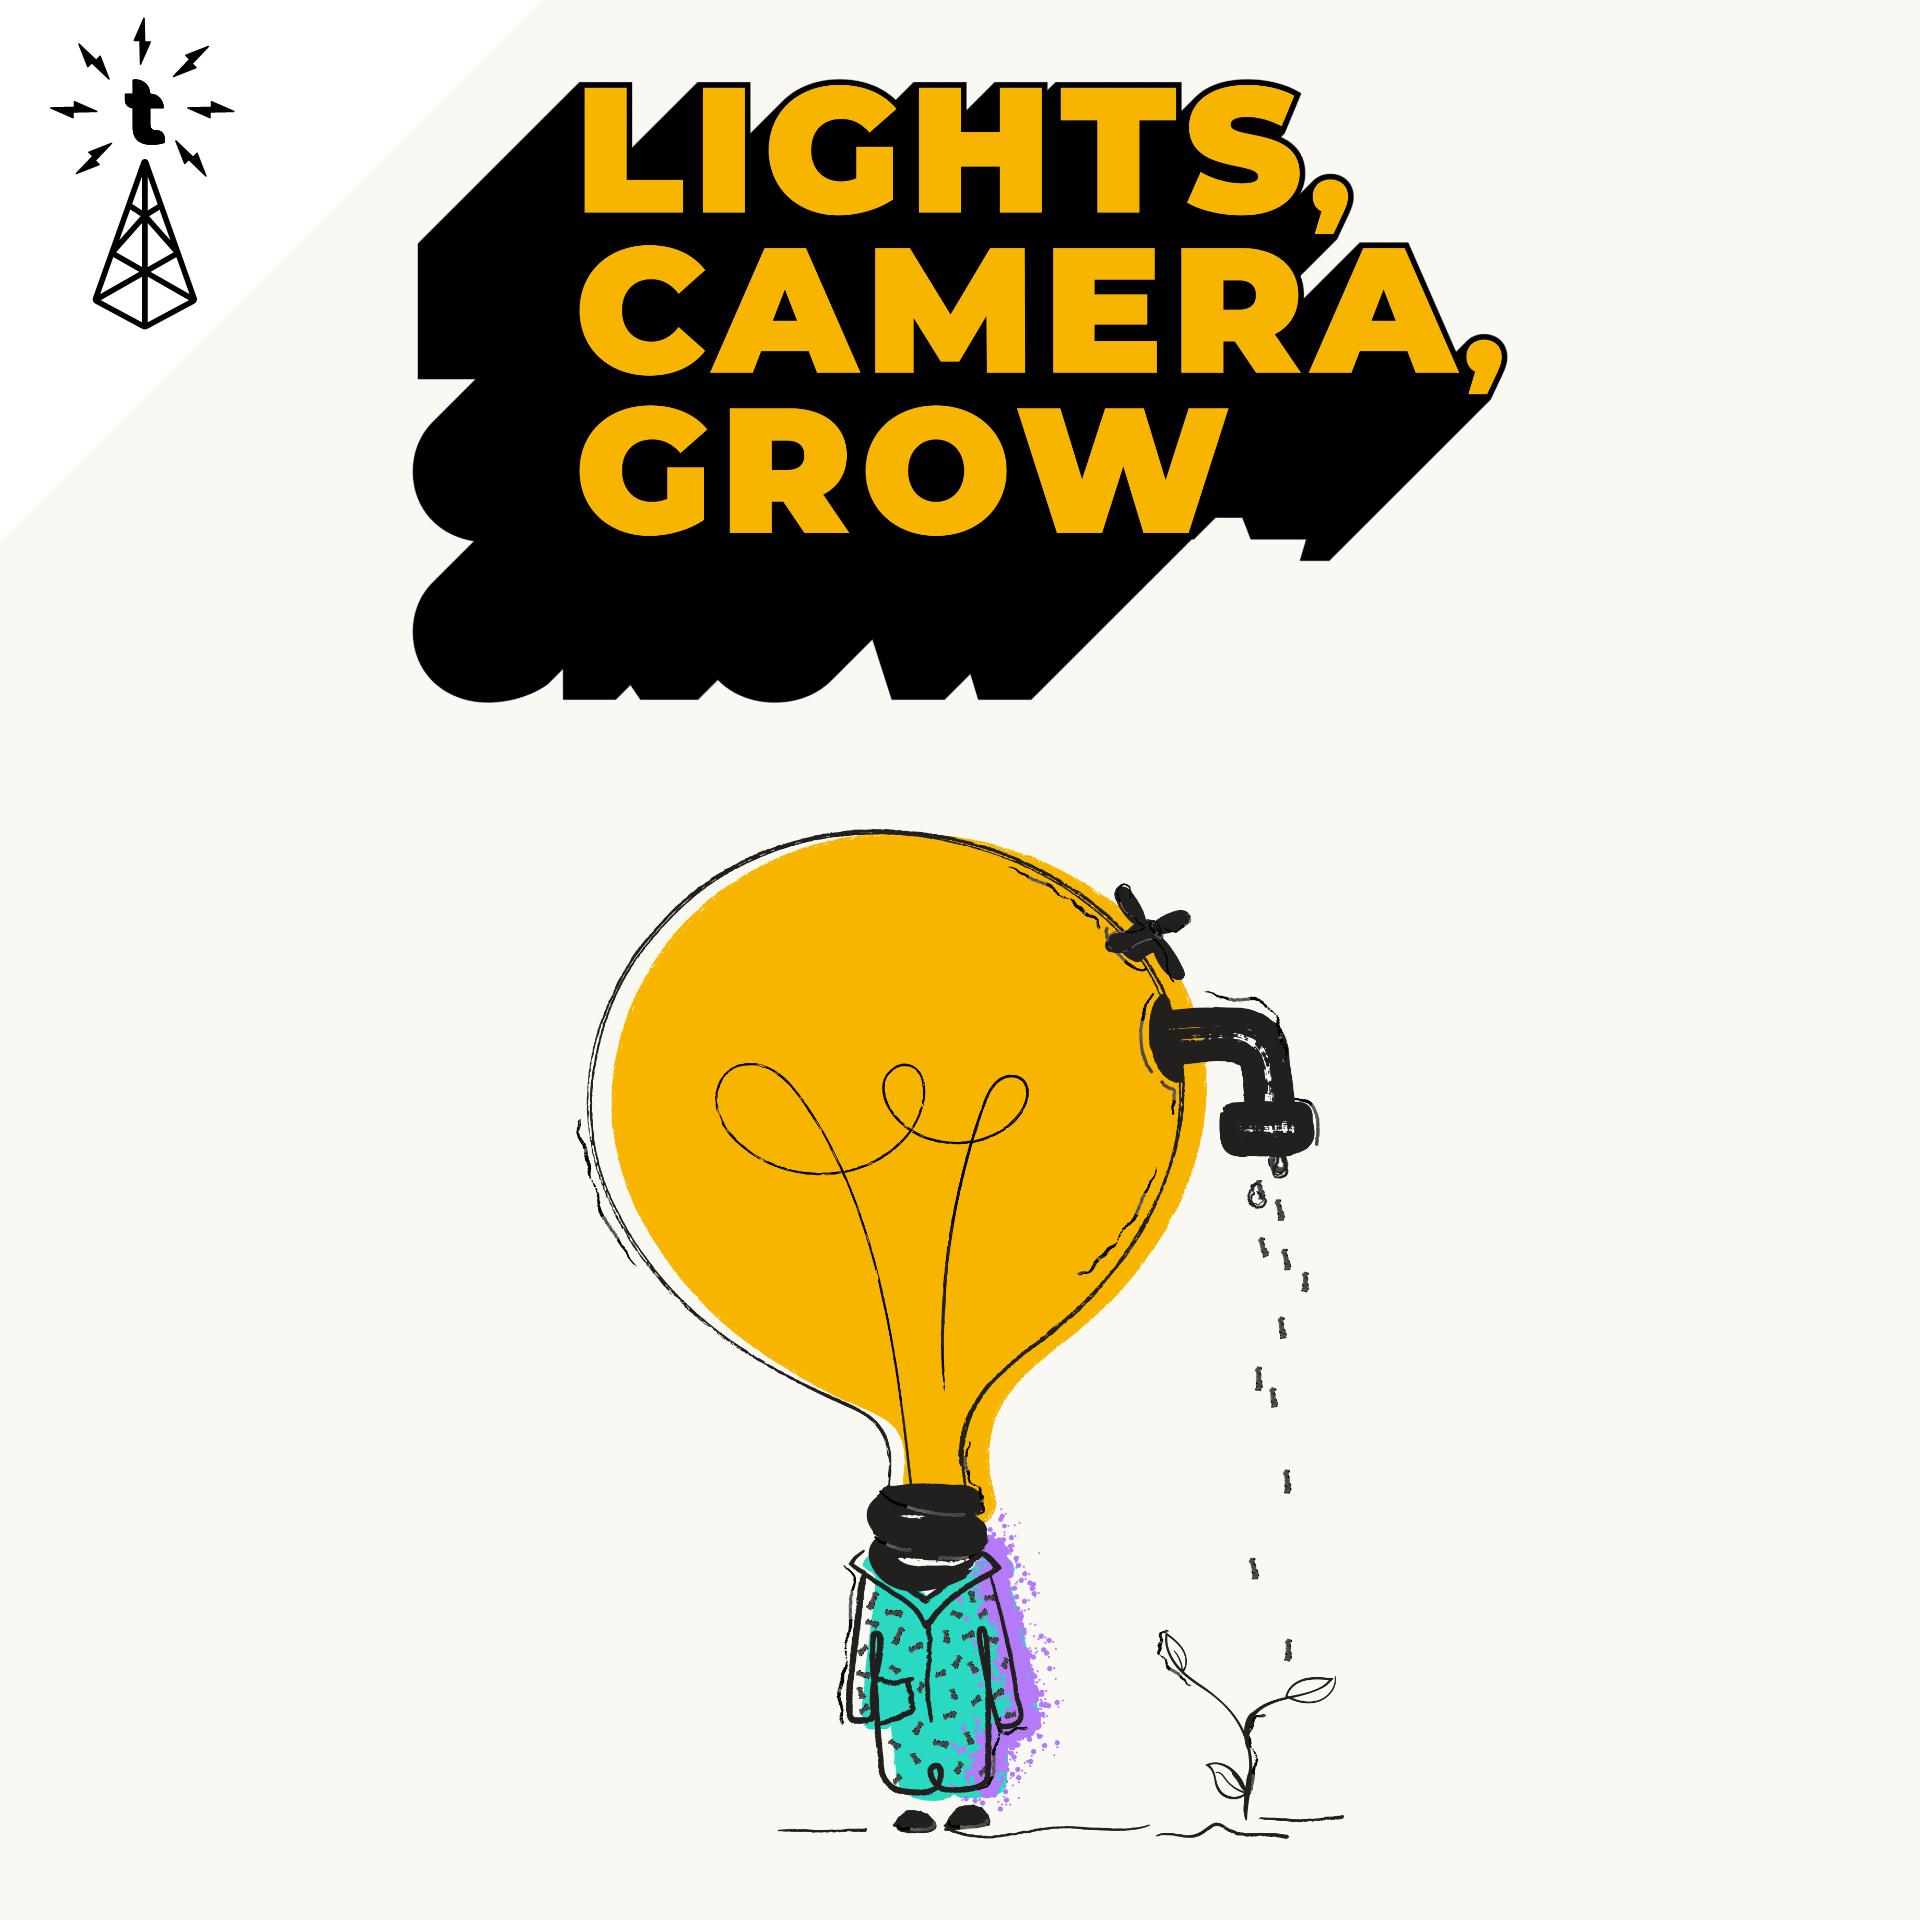 Lights, Camera, Grow Show